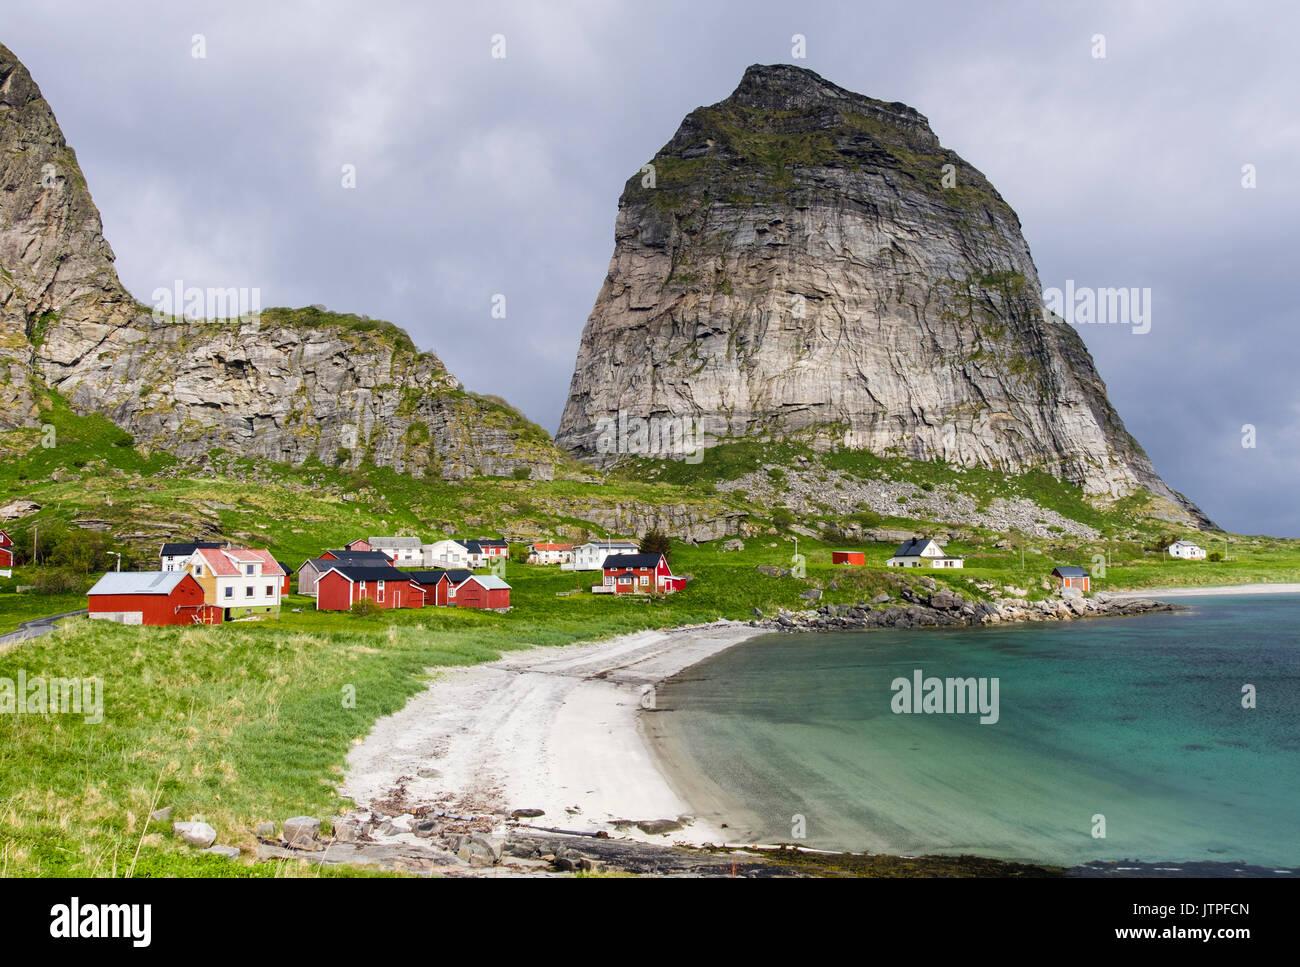 Sanna ein altes ehemaliges Fischerdorf Häuser unter Traenstaven Berge im Sommer auf der Sanna Insel, Træna, Nordland County, Norwegen, Skandinavien Stockbild